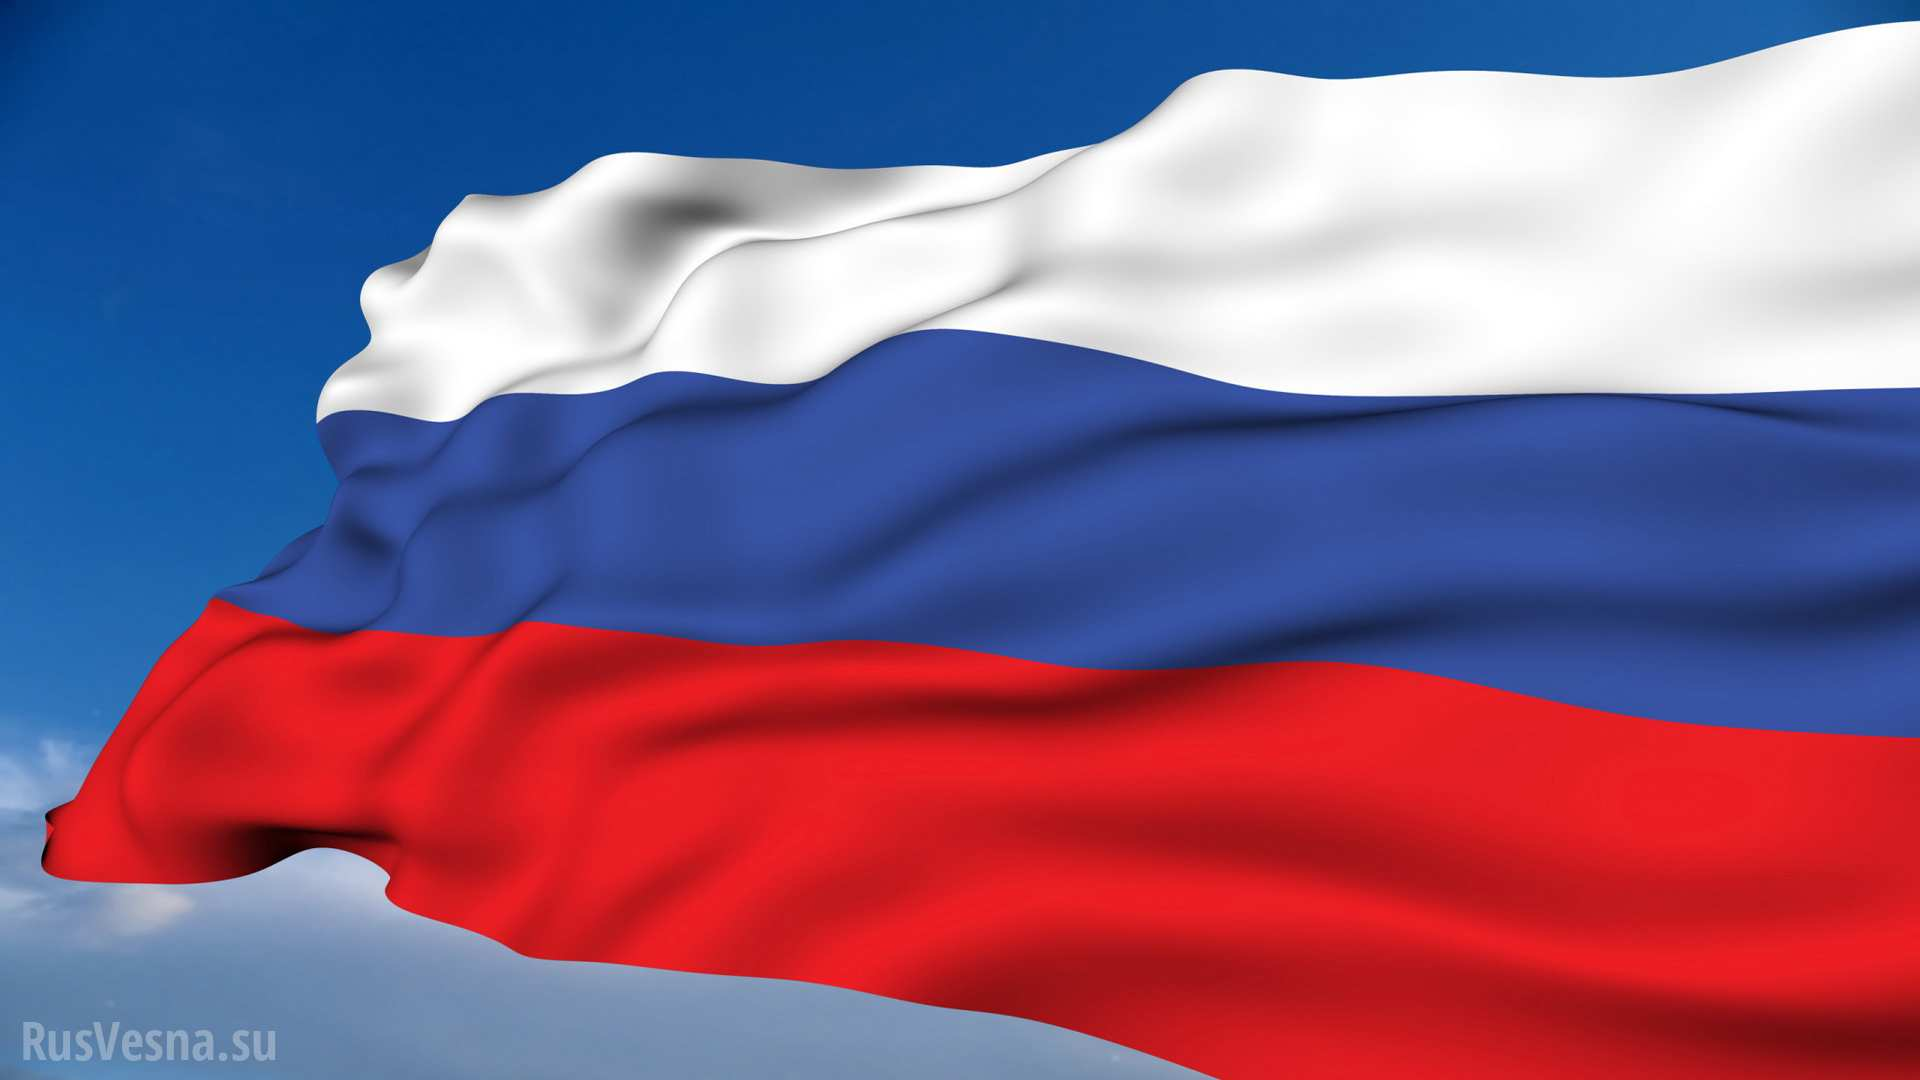 Флаг РФ